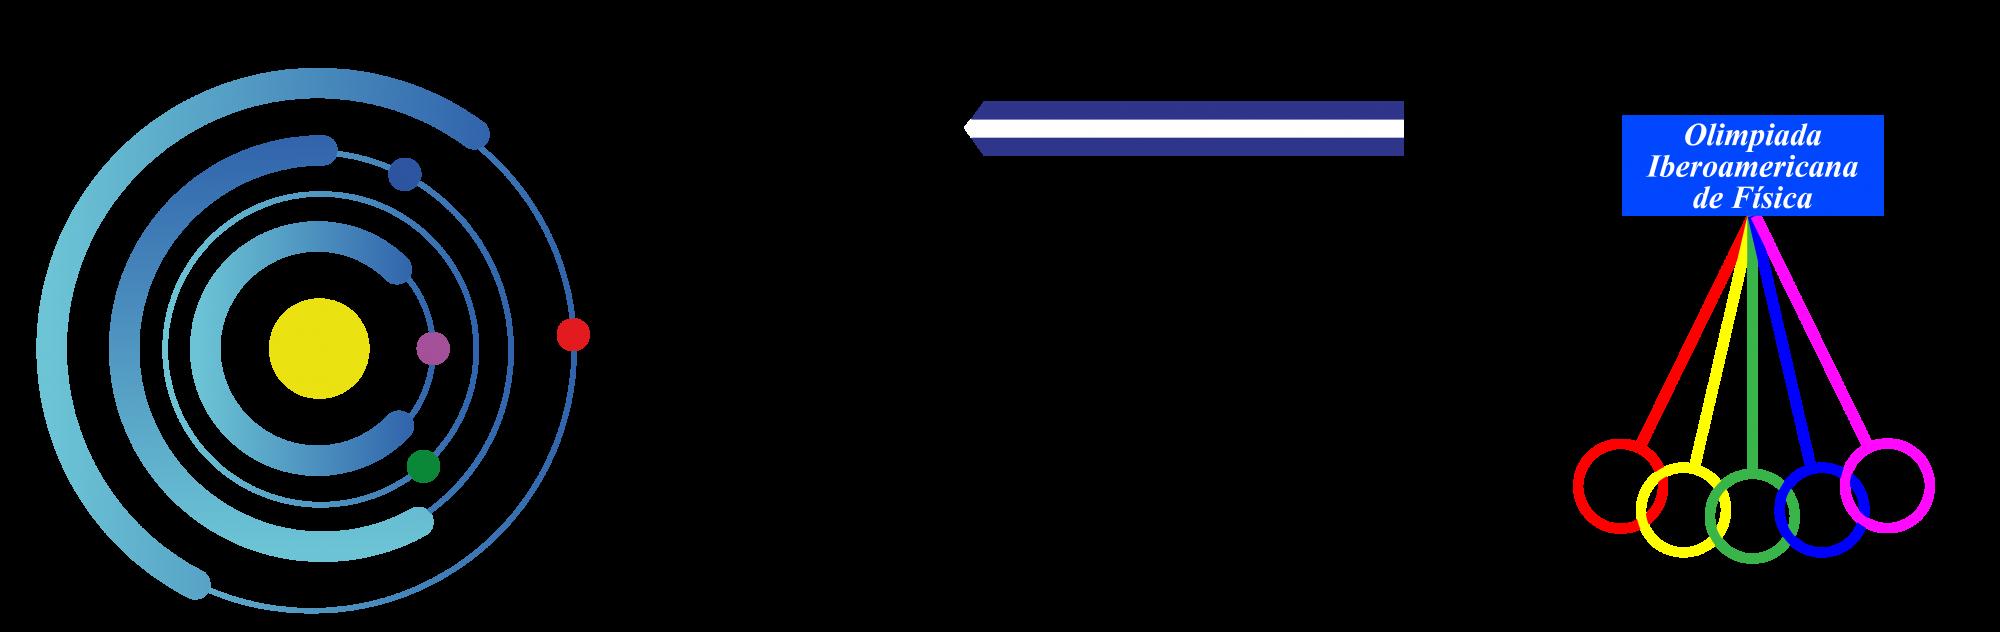 XXIV Olimpiada Iberoamericana de Física